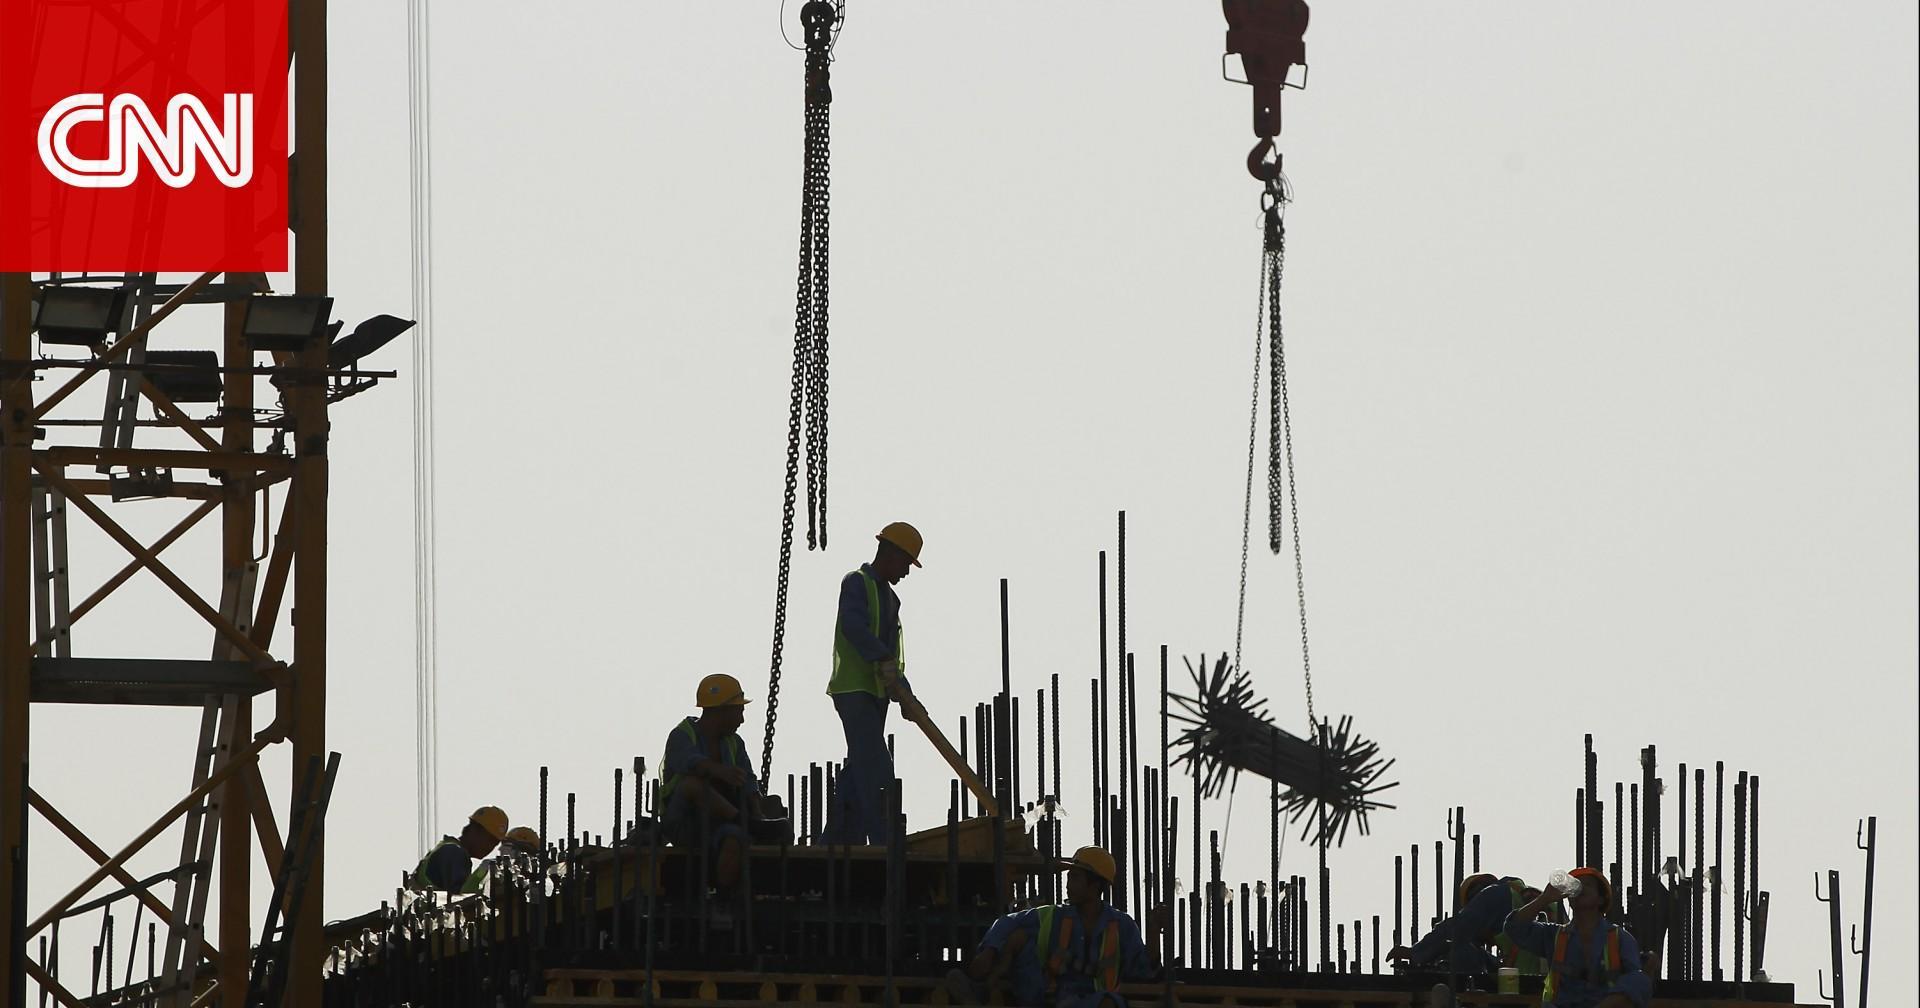 """""""عمال لم يتقاضوا أجورهم لشهور"""".. قطر ترد على تقرير آمنستي"""